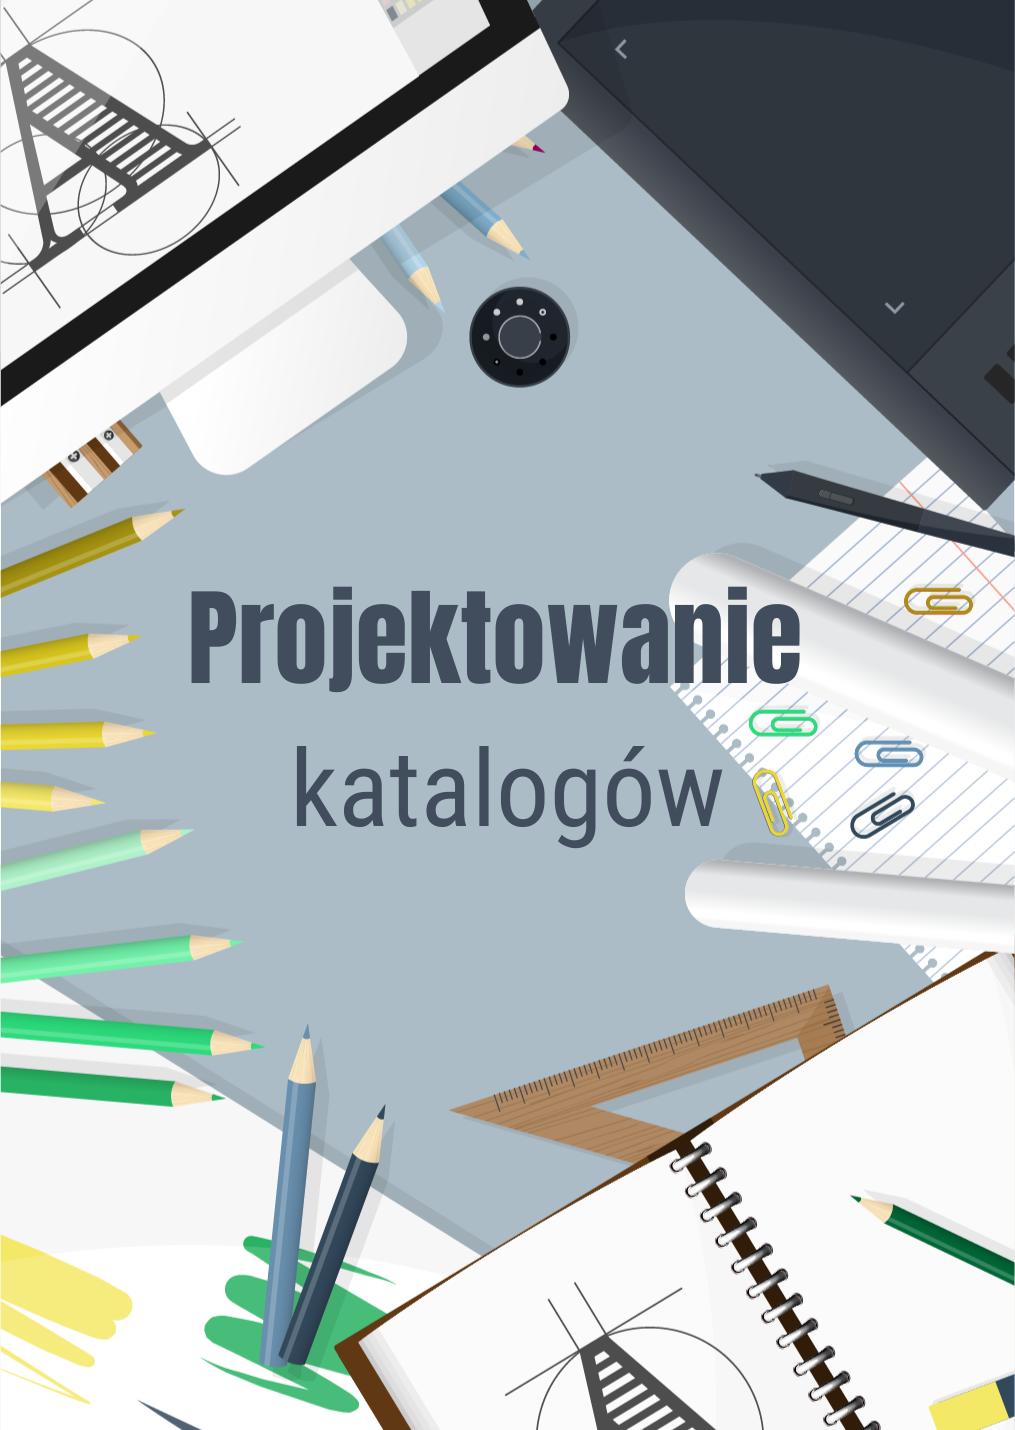 CG - Projektowanie katalogów